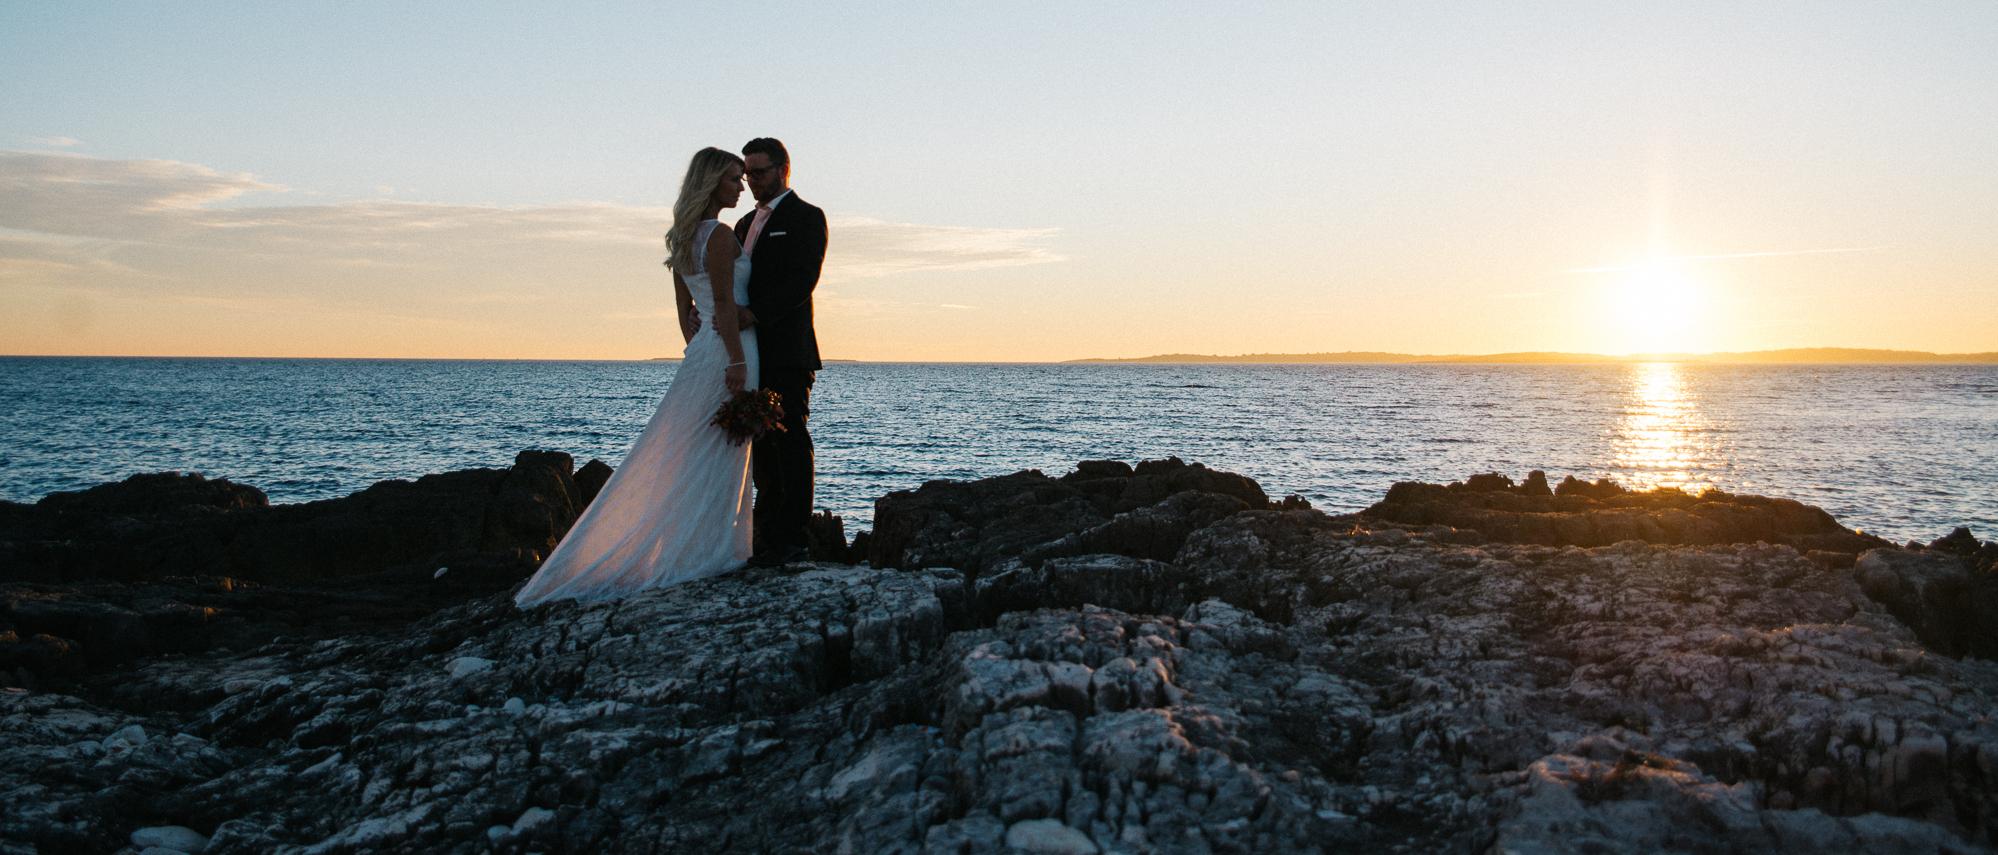 Roland Nischelwitzer Photography - Hochzeitsfotograf Kärnten - Weddingphotographer Carinthia